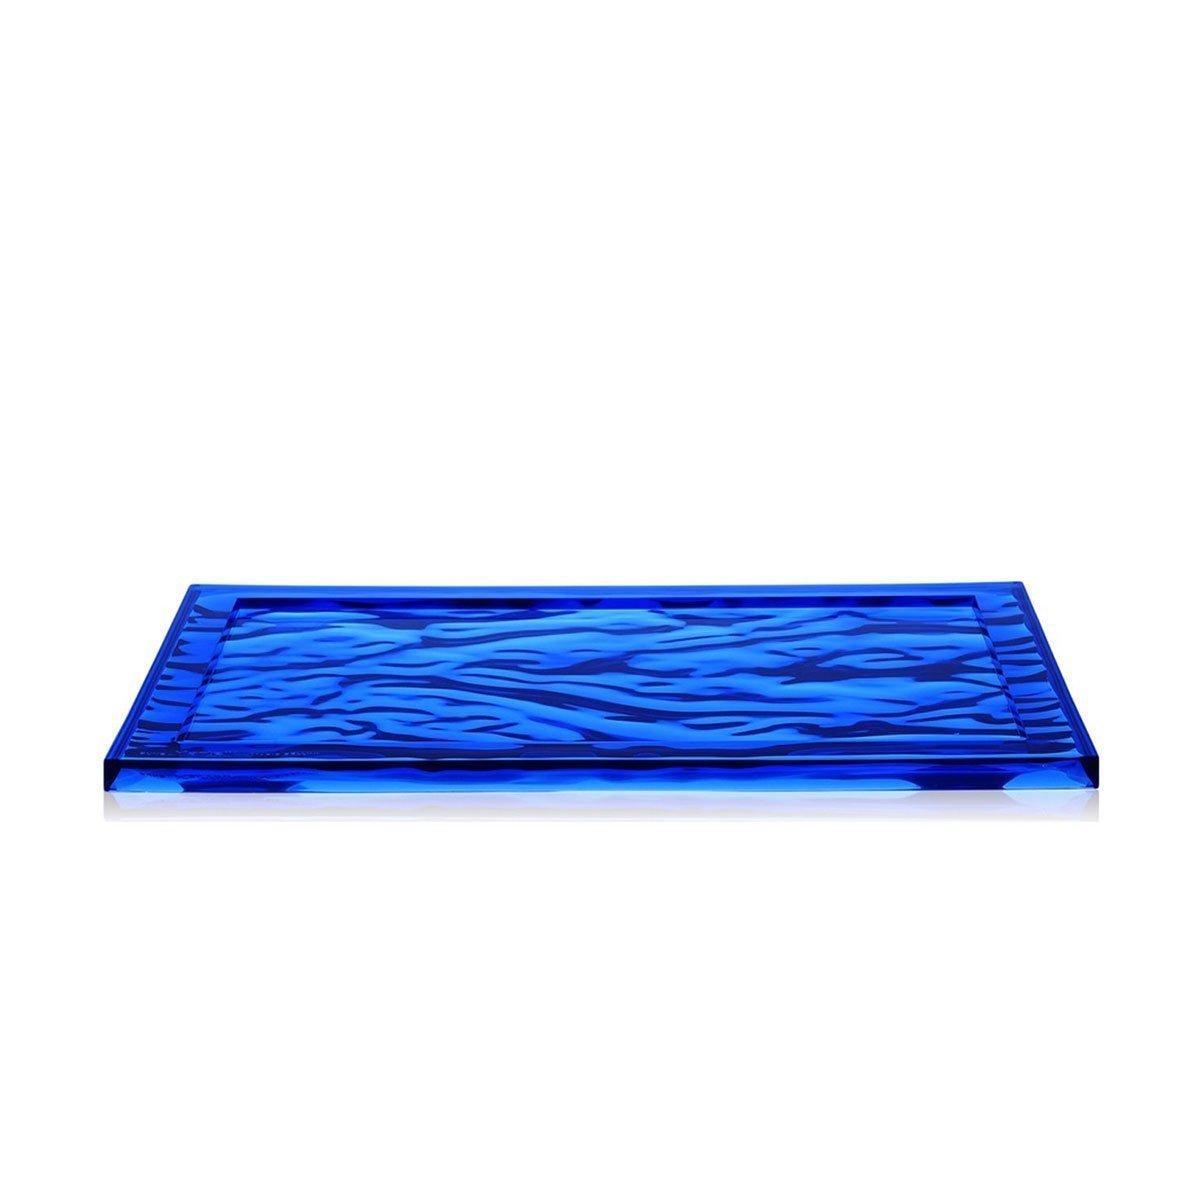 Kartell Dune Dienblad - Klein - Blauw